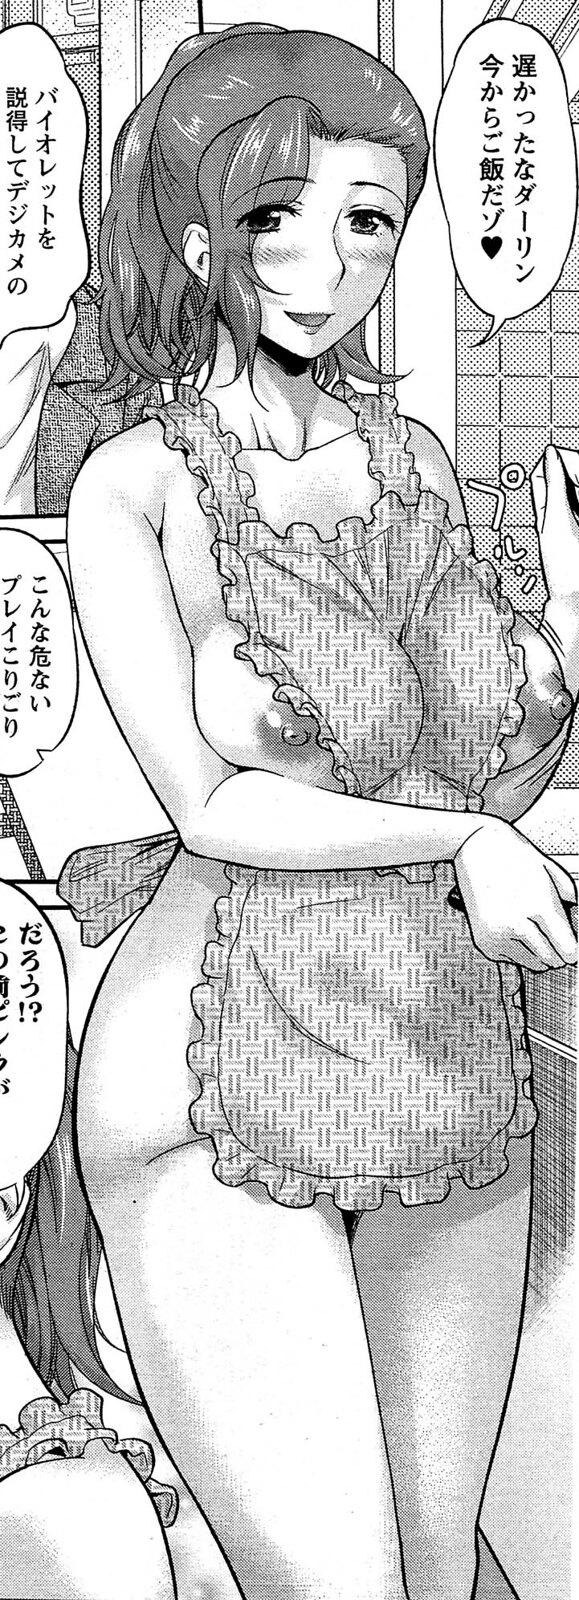 senntaishinjitu0119